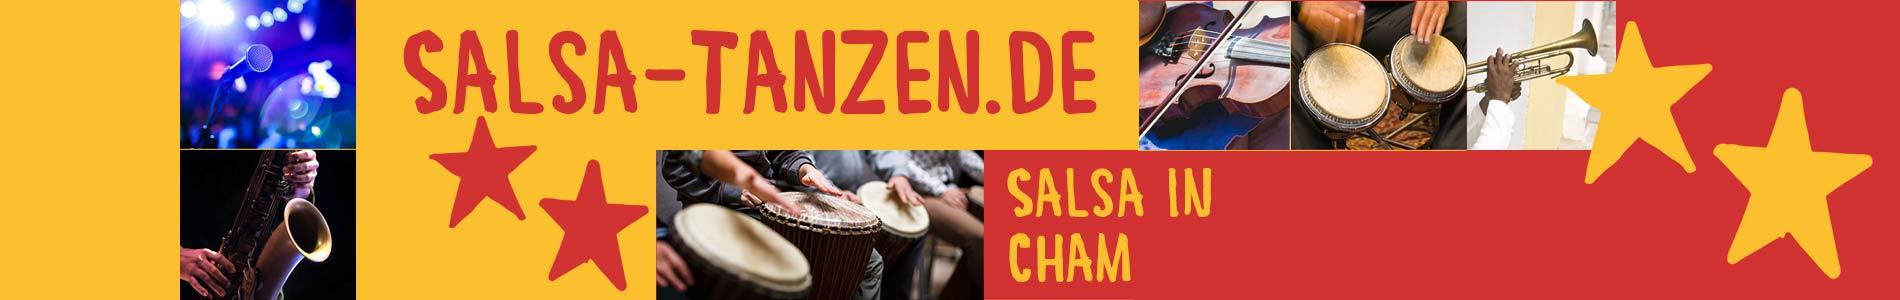 Salsa in Cham – Salsa lernen und tanzen, Tanzkurse, Partys, Veranstaltungen